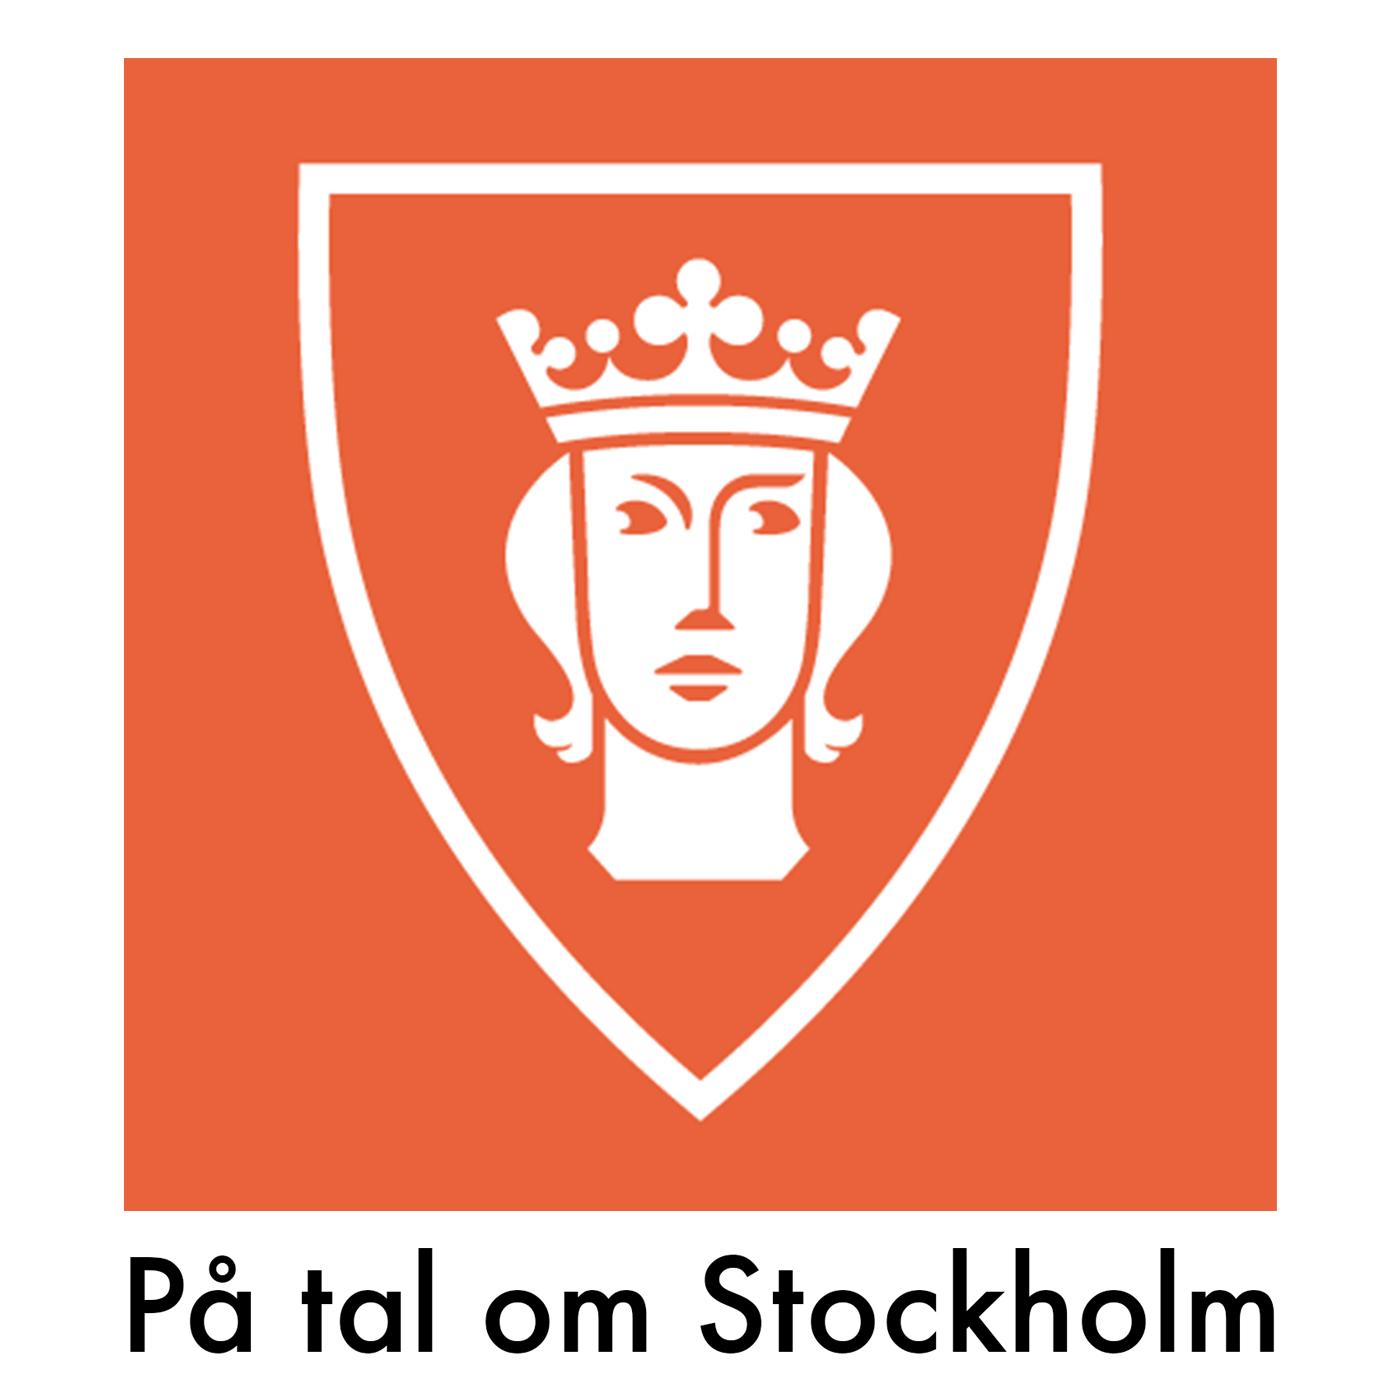 På tal om Stockholm podd – Iris Media